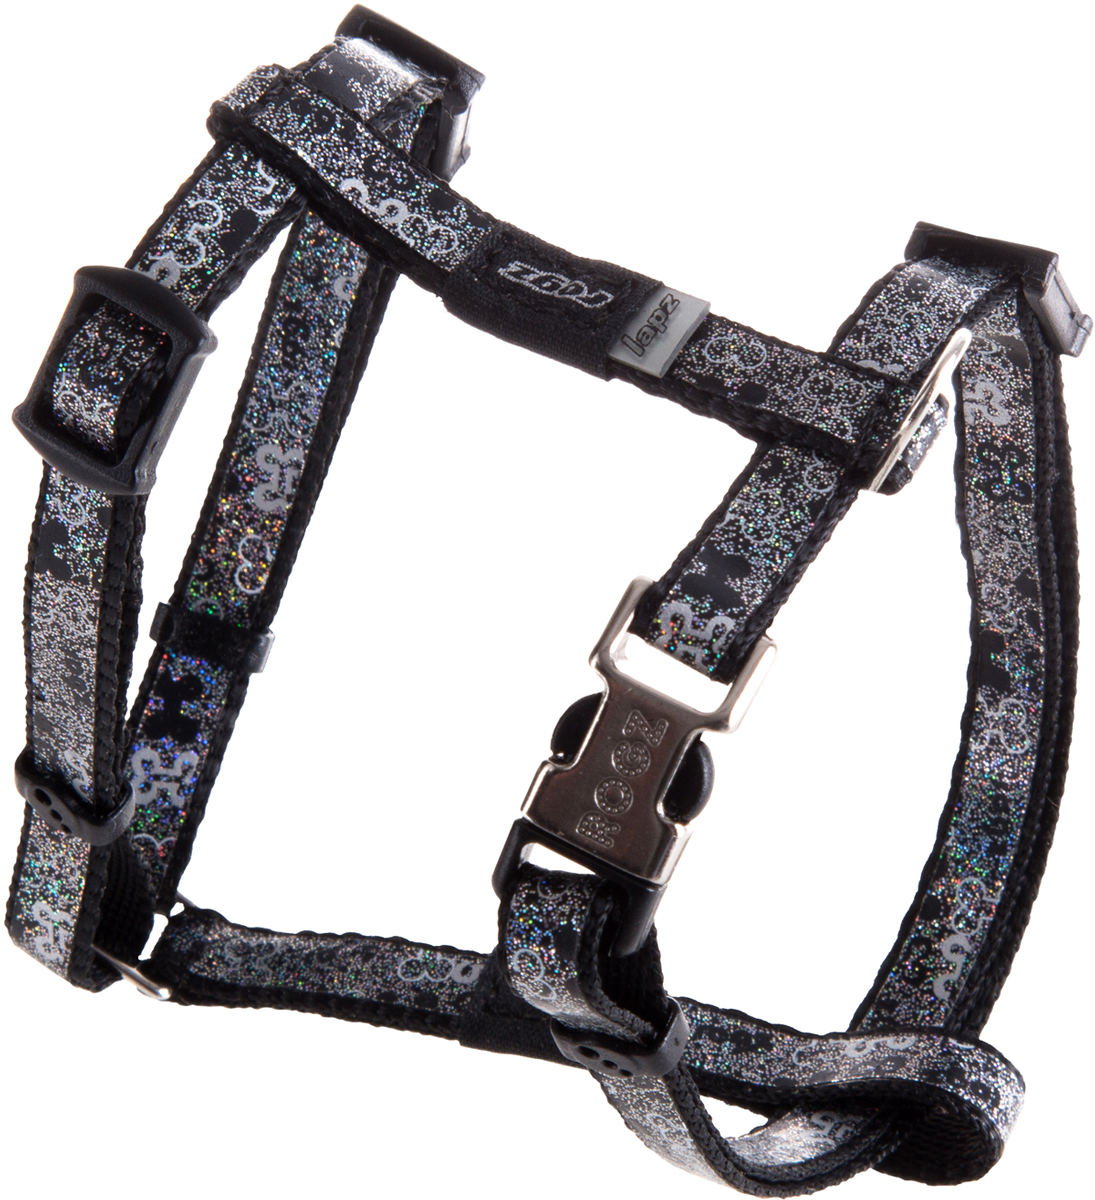 Шлейка для собак Rogz  Trendy , цвет: серый, ширина 0,8 см. Размер XS - Товары для прогулки и дрессировки (амуниция)